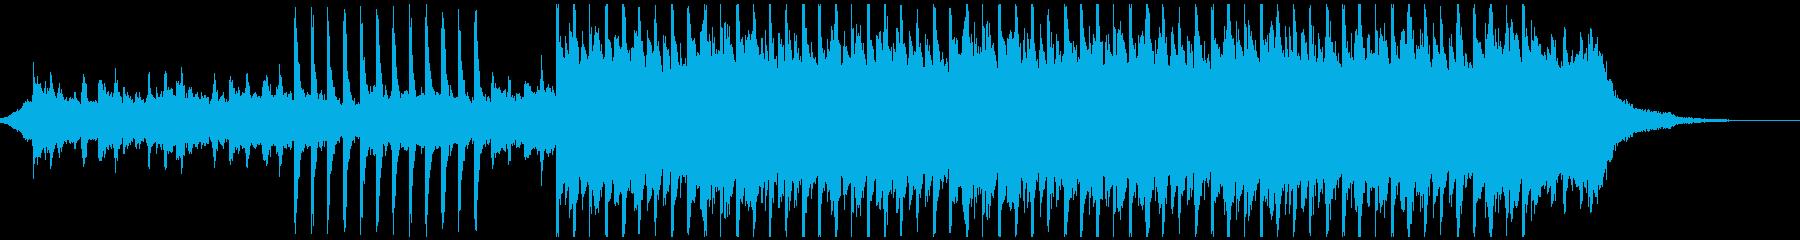 ハッピーコーポレート(60秒)の再生済みの波形